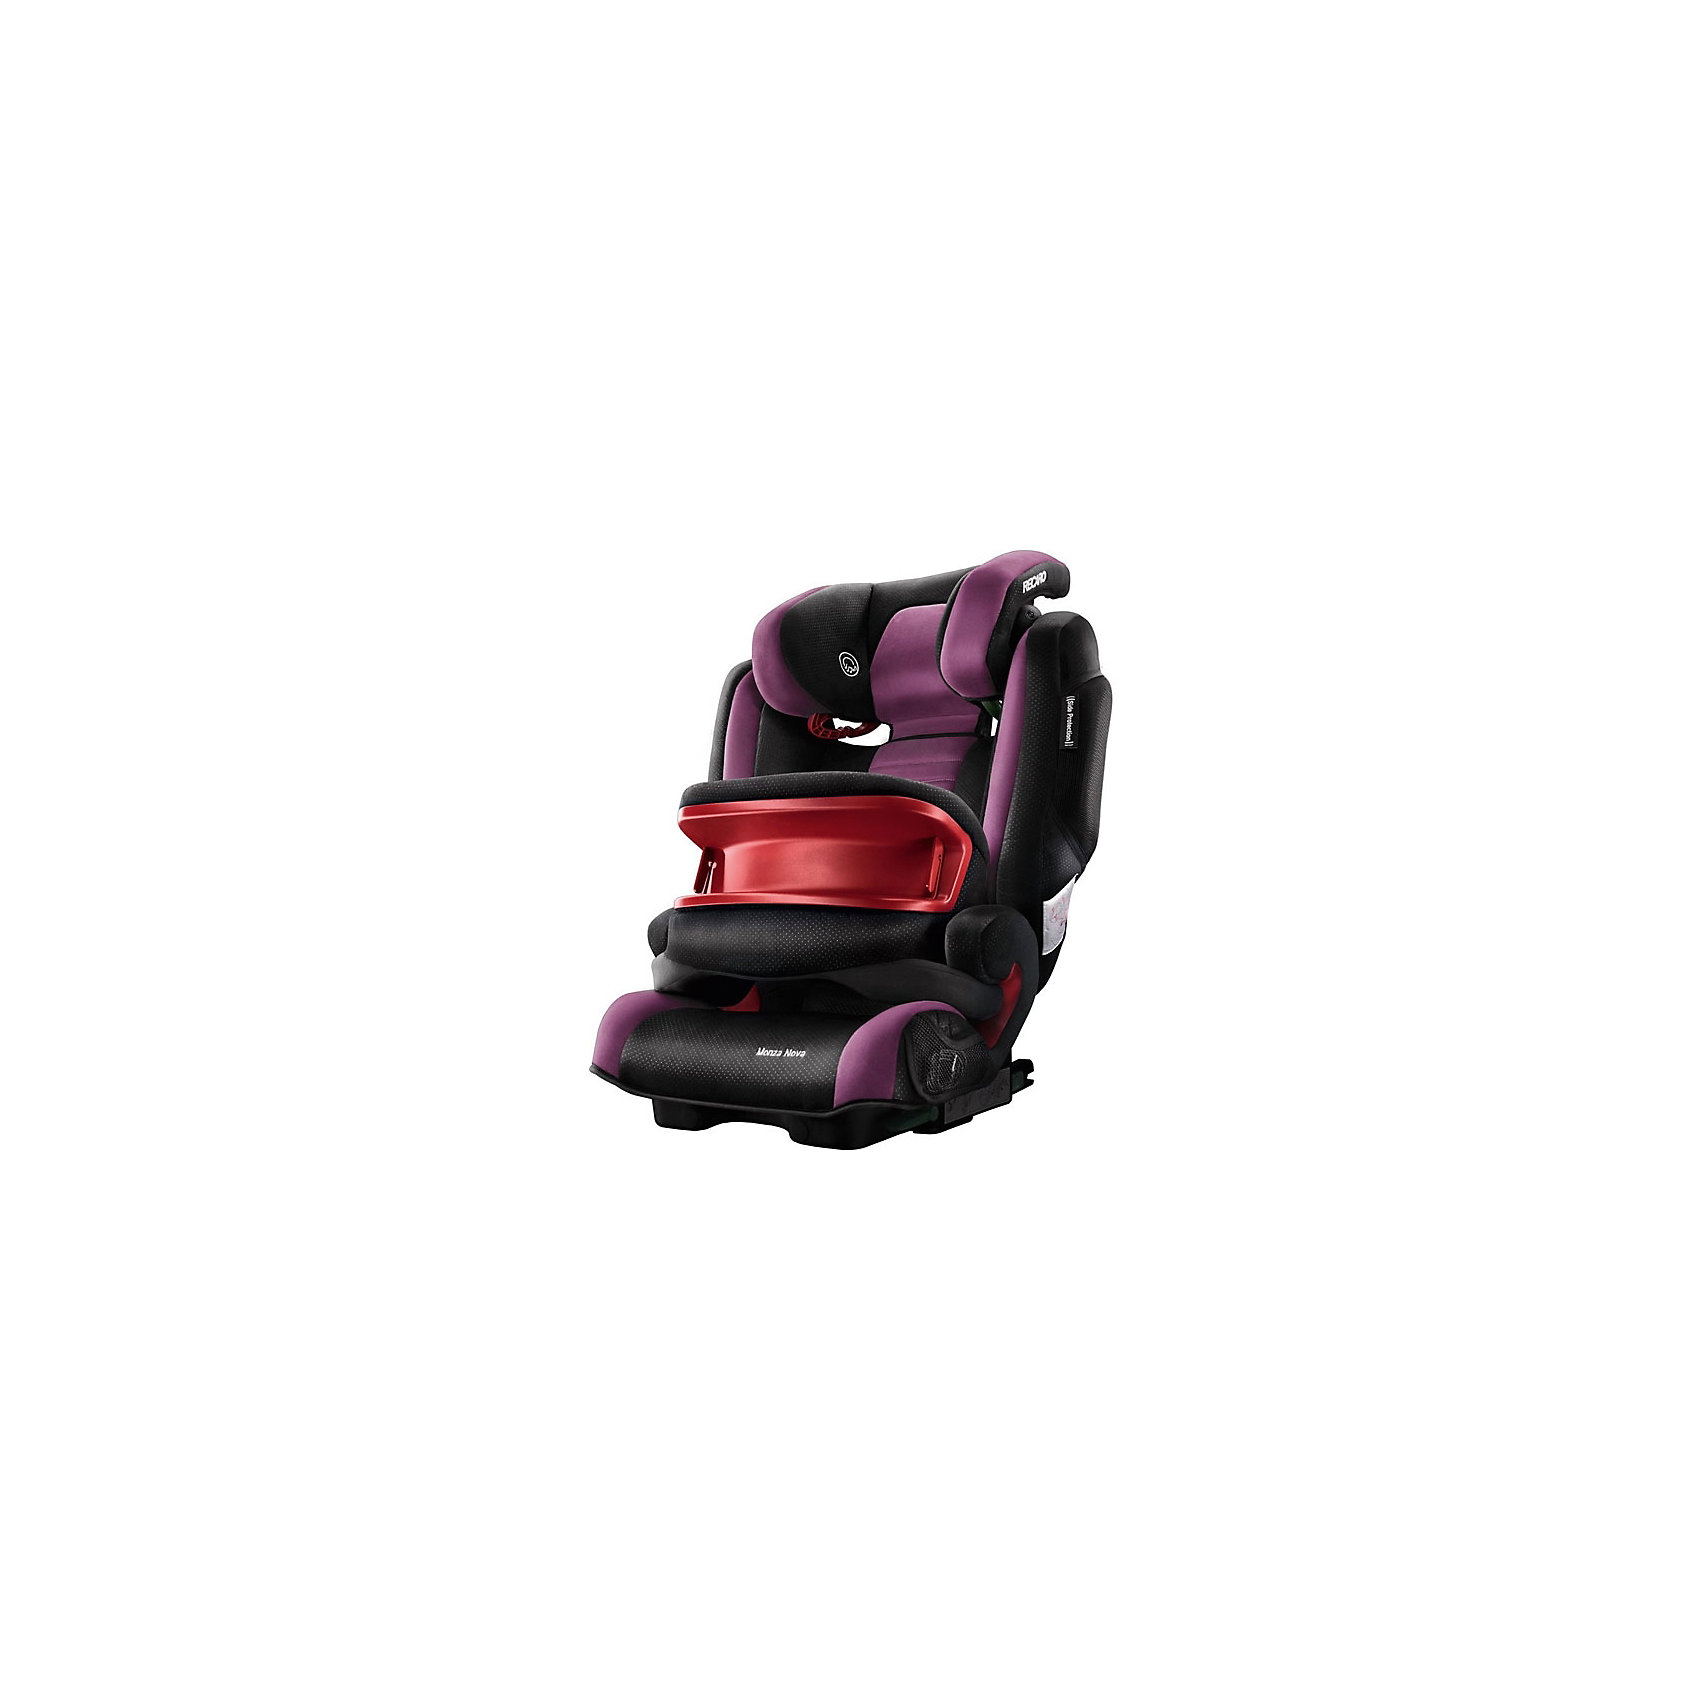 Автокресло Monza Nova IS SF,  9-36 кг, Recaro, violetАвтокресло Recaro Monza Nova IS SF:<br><br>Характеристики:<br><br>• группа: 1-2-3;<br>• вес ребенка: 9-36 кг;<br>• возраст ребенка: от 9 месяцев до 12 лет;<br>• способ установки: по ходу движения;<br>• способ крепления: система Isofix;<br>• материал: пластик, полиэстер;<br>• размер автокресла: 74х48х62 см;<br>• вес автокресла: 6,5 кг;<br>• вес в упаковке: 8 кг.<br><br>Особенности автокресла Monza Nova IS SF: <br><br>• регулируемая глубина подголовника, <br>• регулируемая высота подголовника – 11 положений, <br>• встроенный ростомер, <br>• 3-х камерная подкачка подголовника;<br>• усиленная боковая защита, <br>• интегрированные динамики: воспроизведения колыбельных, звуков природы, аудиосказок,<br>• провод для подключения плеера к динамикам в комплекте,<br>• сетчатые кармашки для MP3-плеера.<br><br>Автокресло Monza Nova IS SF будет сопровождать вас и вашего кроху вплоть до достижения ребенком возраста 12 лет. Автокресло укомплектовано дополнительными аксессуарами для наибольшей безопасности ребенка на каждом этапе его взросления. <br><br>Когда вес малыша находится в пределах 9-18 кг, эргономичный защитный столик вместе с 3-х точечным ремнем безопасности автомобиля обеспечивают максимальную безопасность. Автокресло обязательно используется со столиком, пока кроха не достигнет определенного роста и веса. <br><br>Автокресло устанавливается на заднем сидении автомобиля с помощью системы Изофикс. Выдвижные крепления кресла совмещаются с системой Изофикс в автомобиле.<br><br>Обивка автокресла выполнена из дышащего материала, который не впитывает посторонние запахи. Автокресло оснащено вентиляционными отверстиями для циркуляции воздуха и регуляции теплообмена. <br><br>Комплектация: <br><br>• автокресло Monza Nova IS SF группы I/II/III;<br>• защитный столик;<br>• накладка на сиденье;<br>• стерео динамики, встроенные в подголовник;<br>• провод для подключения воспроизводящего устройства к динамикам.<br><br>Автокресло Monza N